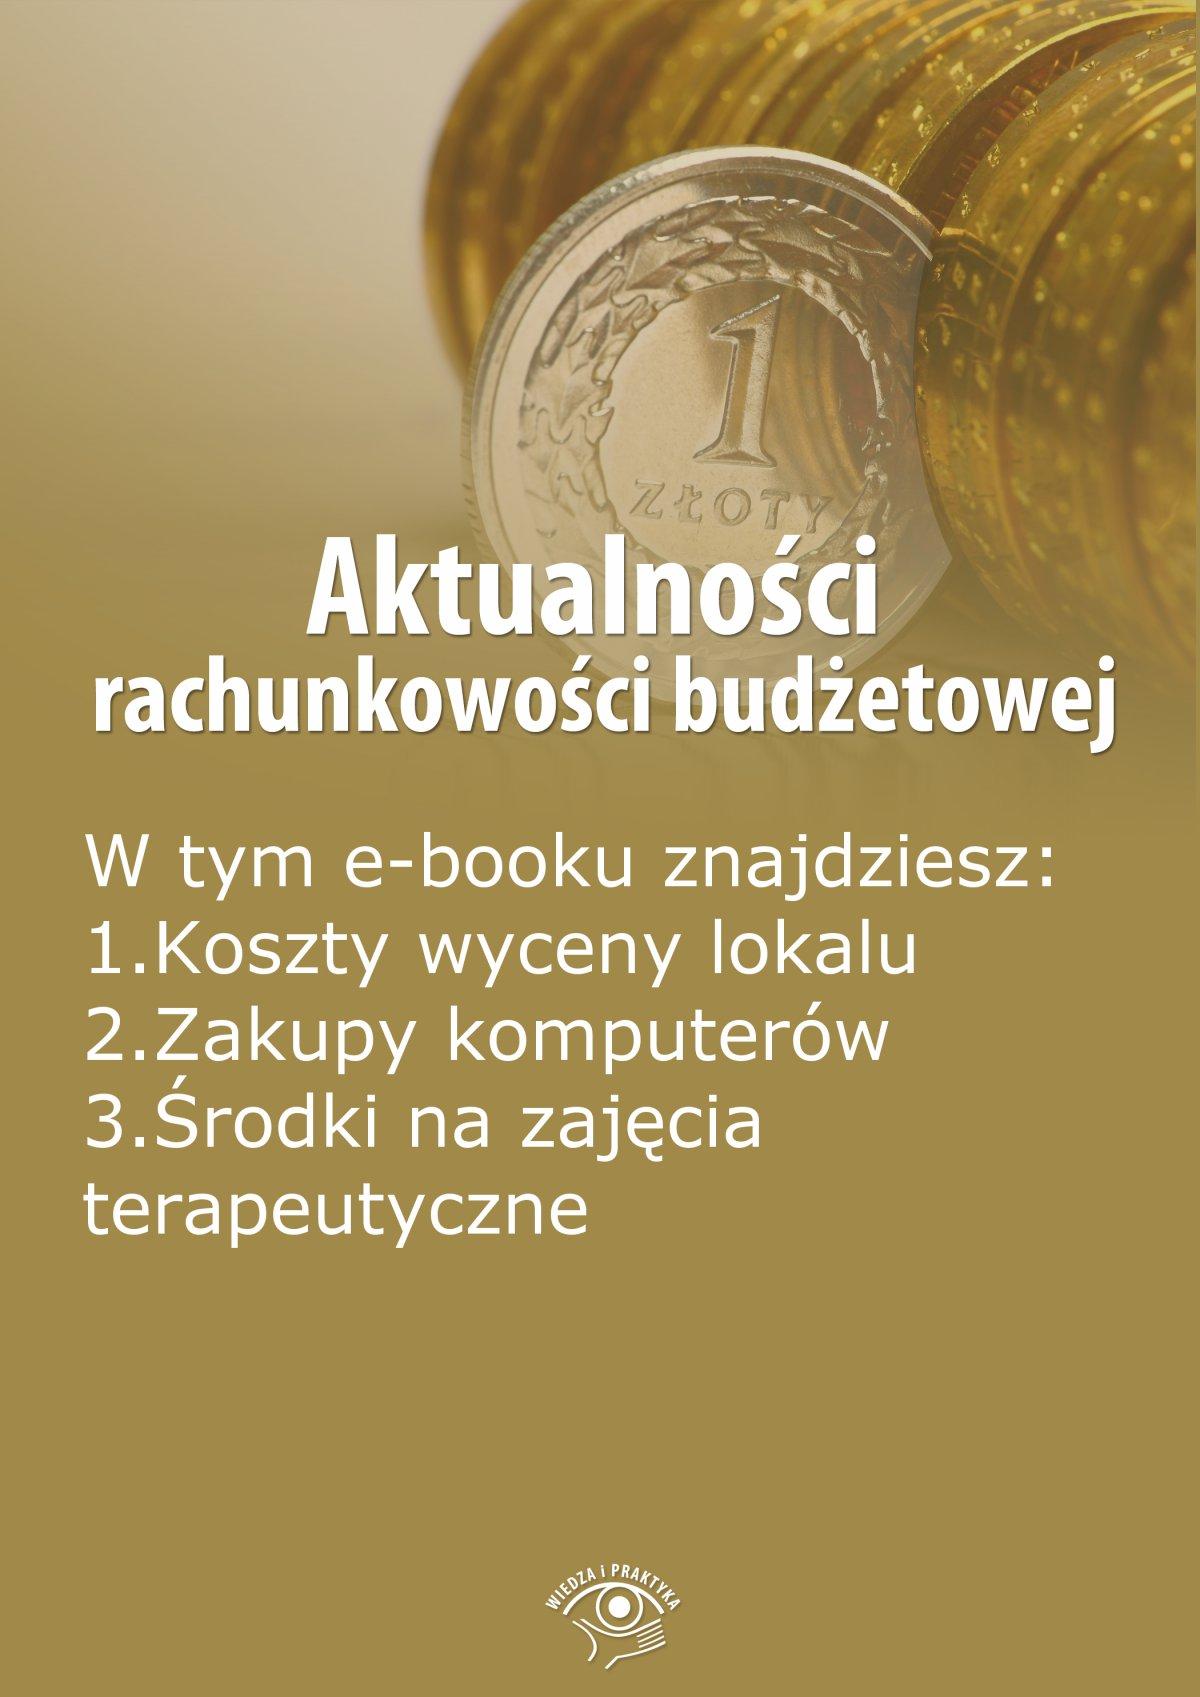 Aktualności rachunkowości budżetowej, wydanie czerwiec 2014 r. - Ebook (Książka EPUB) do pobrania w formacie EPUB